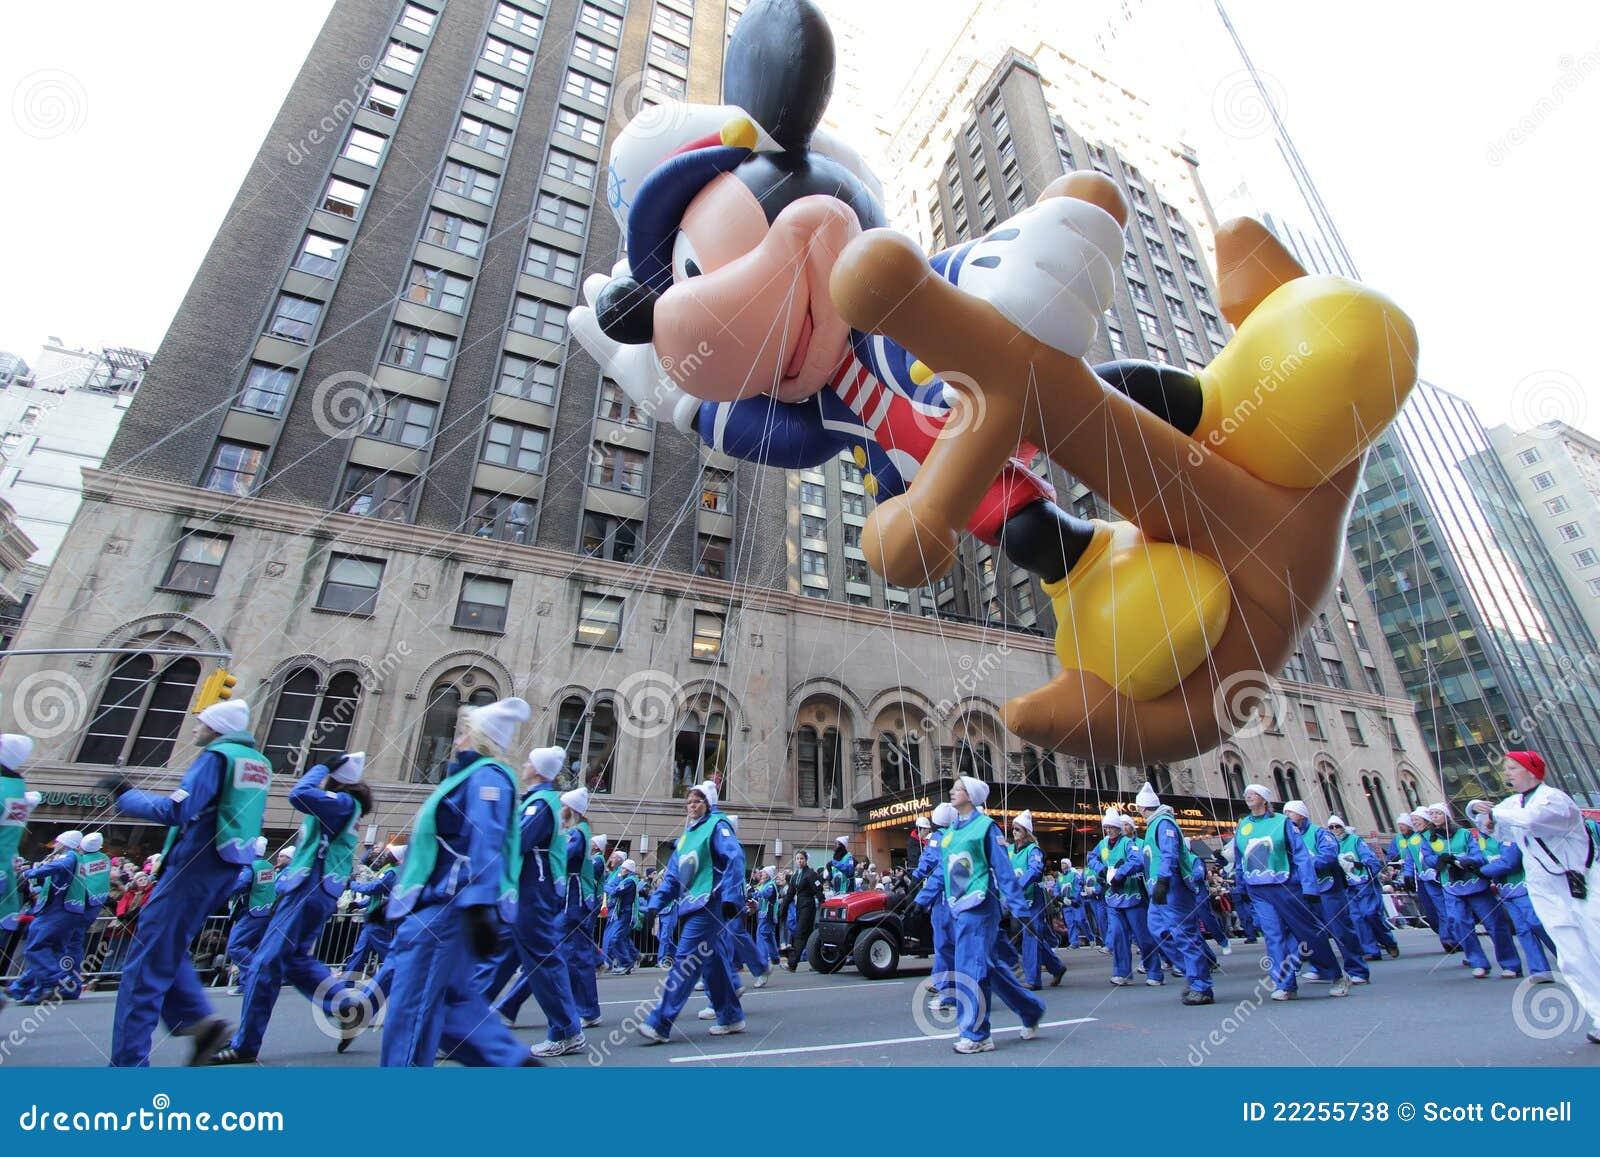 Globo Del Ratón De Mickey Del Marinero En El Desfile De Macy Foto de ...